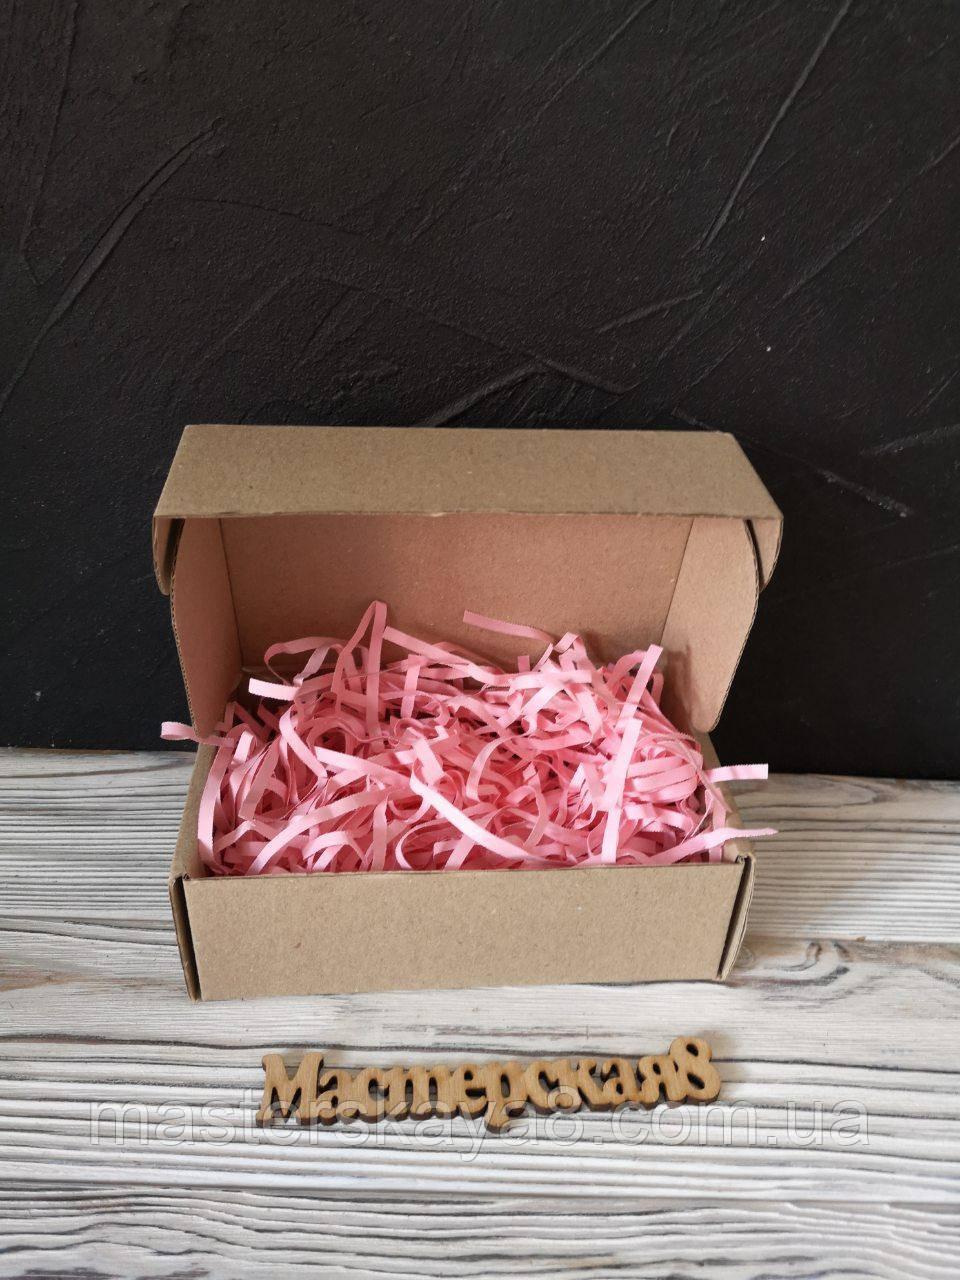 Коробка 150*100*50 мм крафт для подарка с розовым наполнителем , для сувенира, для мыла, косметики, пряника